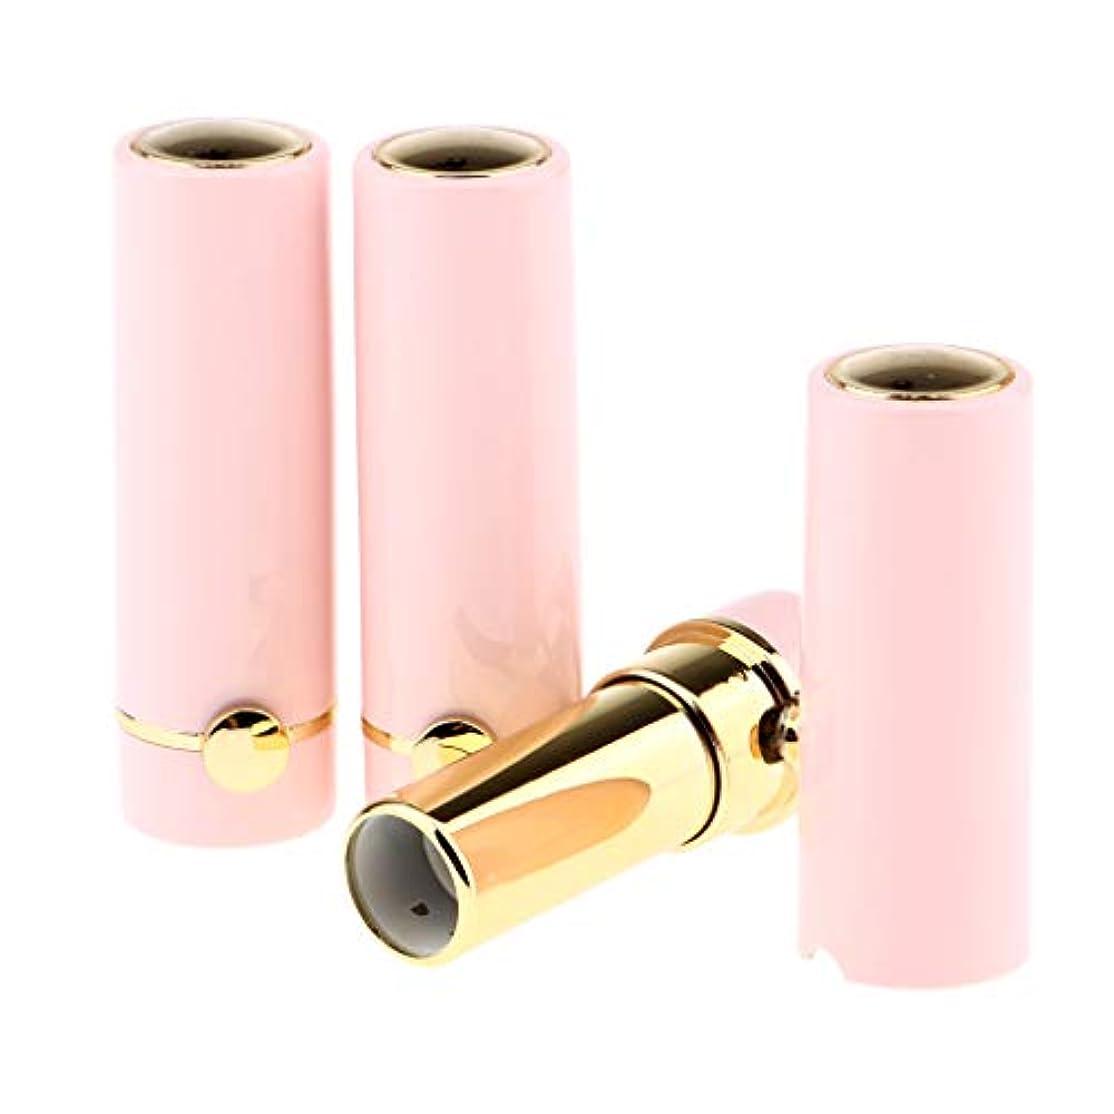 職業横たわる浅いP Prettyia 3本 空の口紅容器 DIYリップクリームチューブ グロスボトル 詰替え容器 全3色 - ピンク